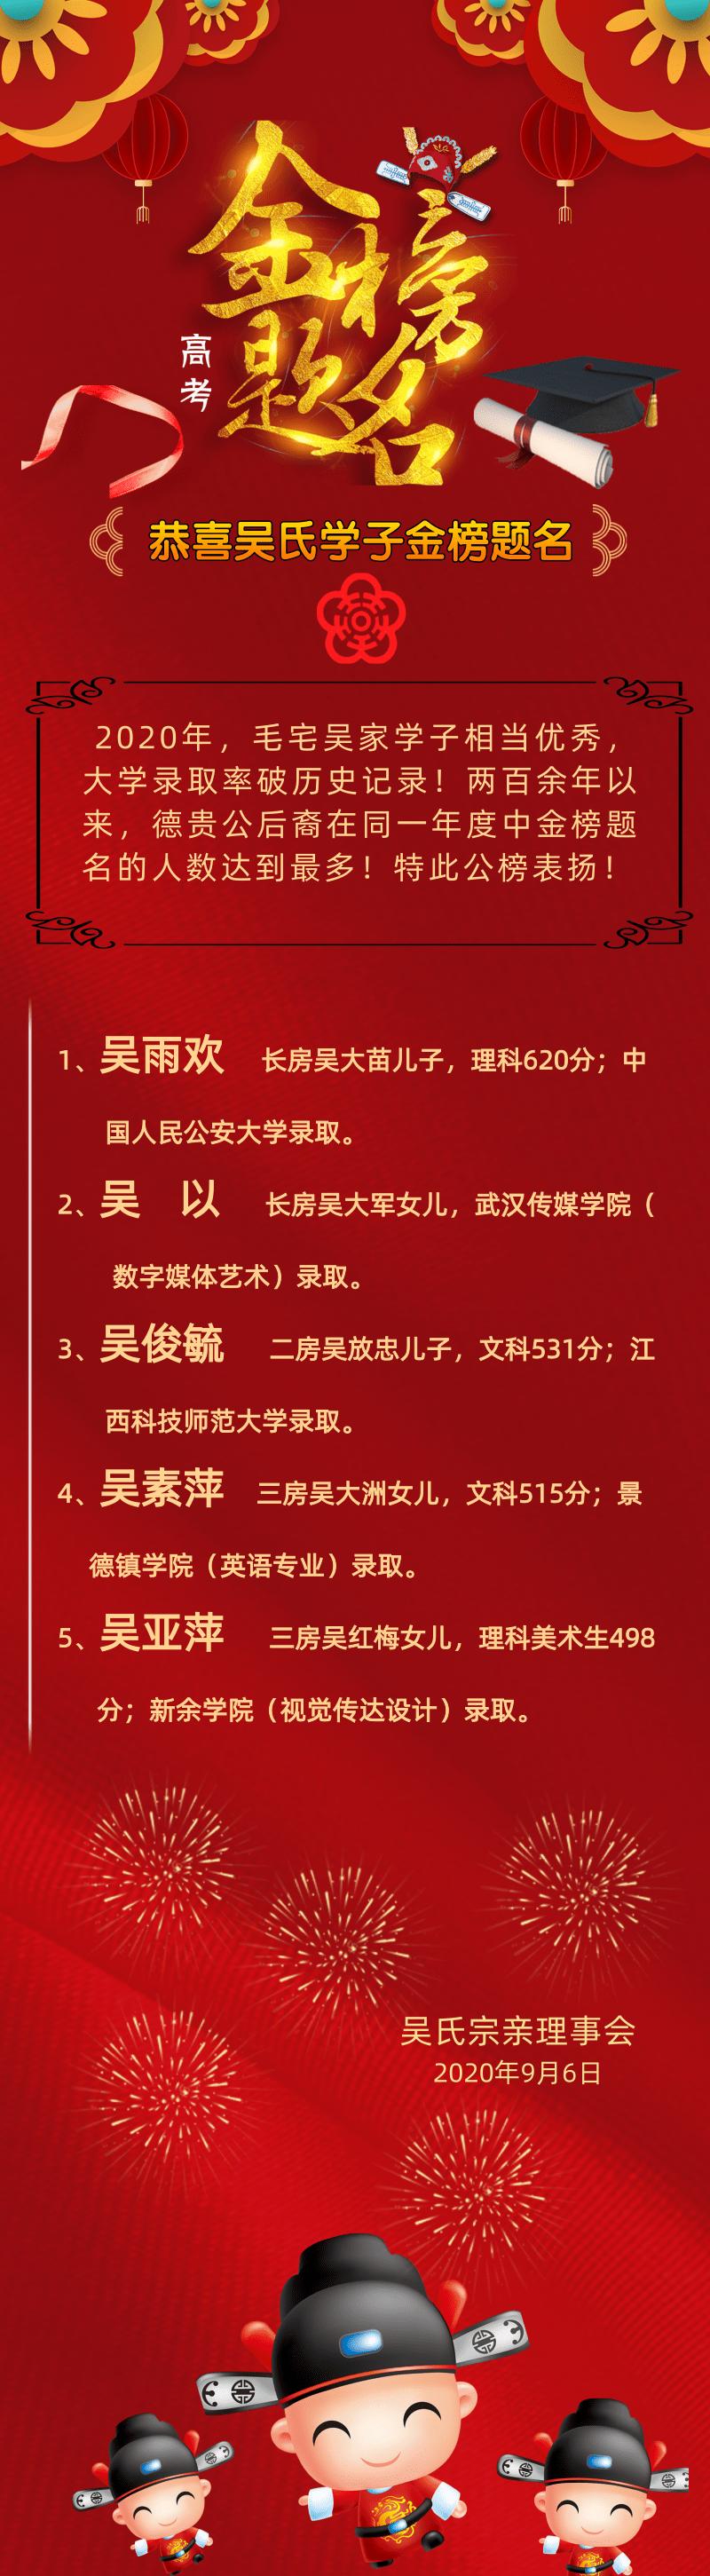 红金年夜饭预订活动宣传营销长图@凡科快图 (6).png